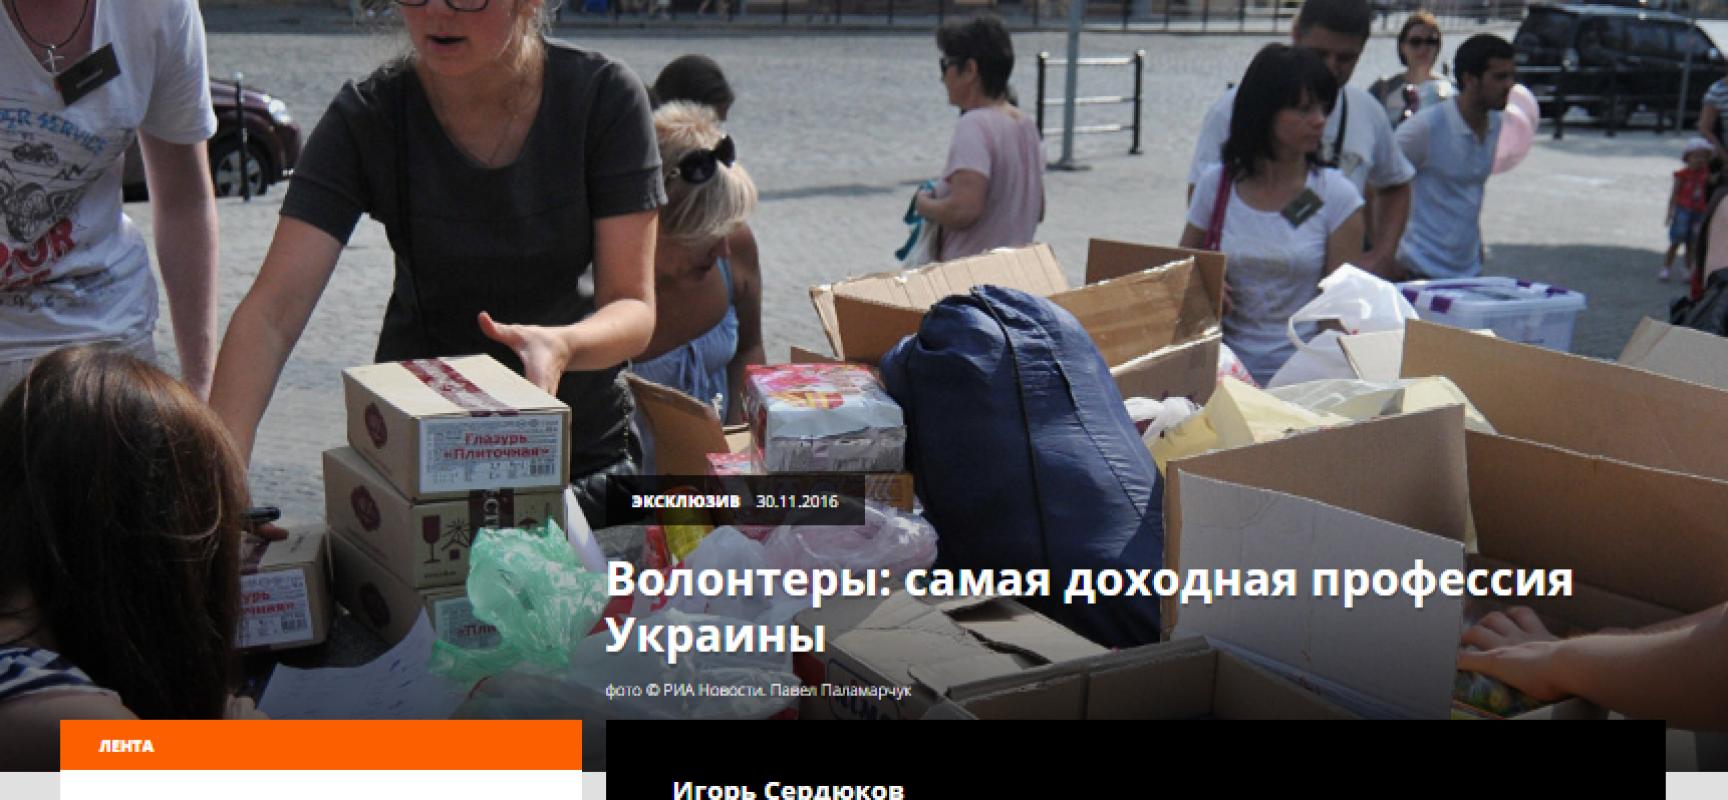 Ucraina il business dei volontari (Fake)